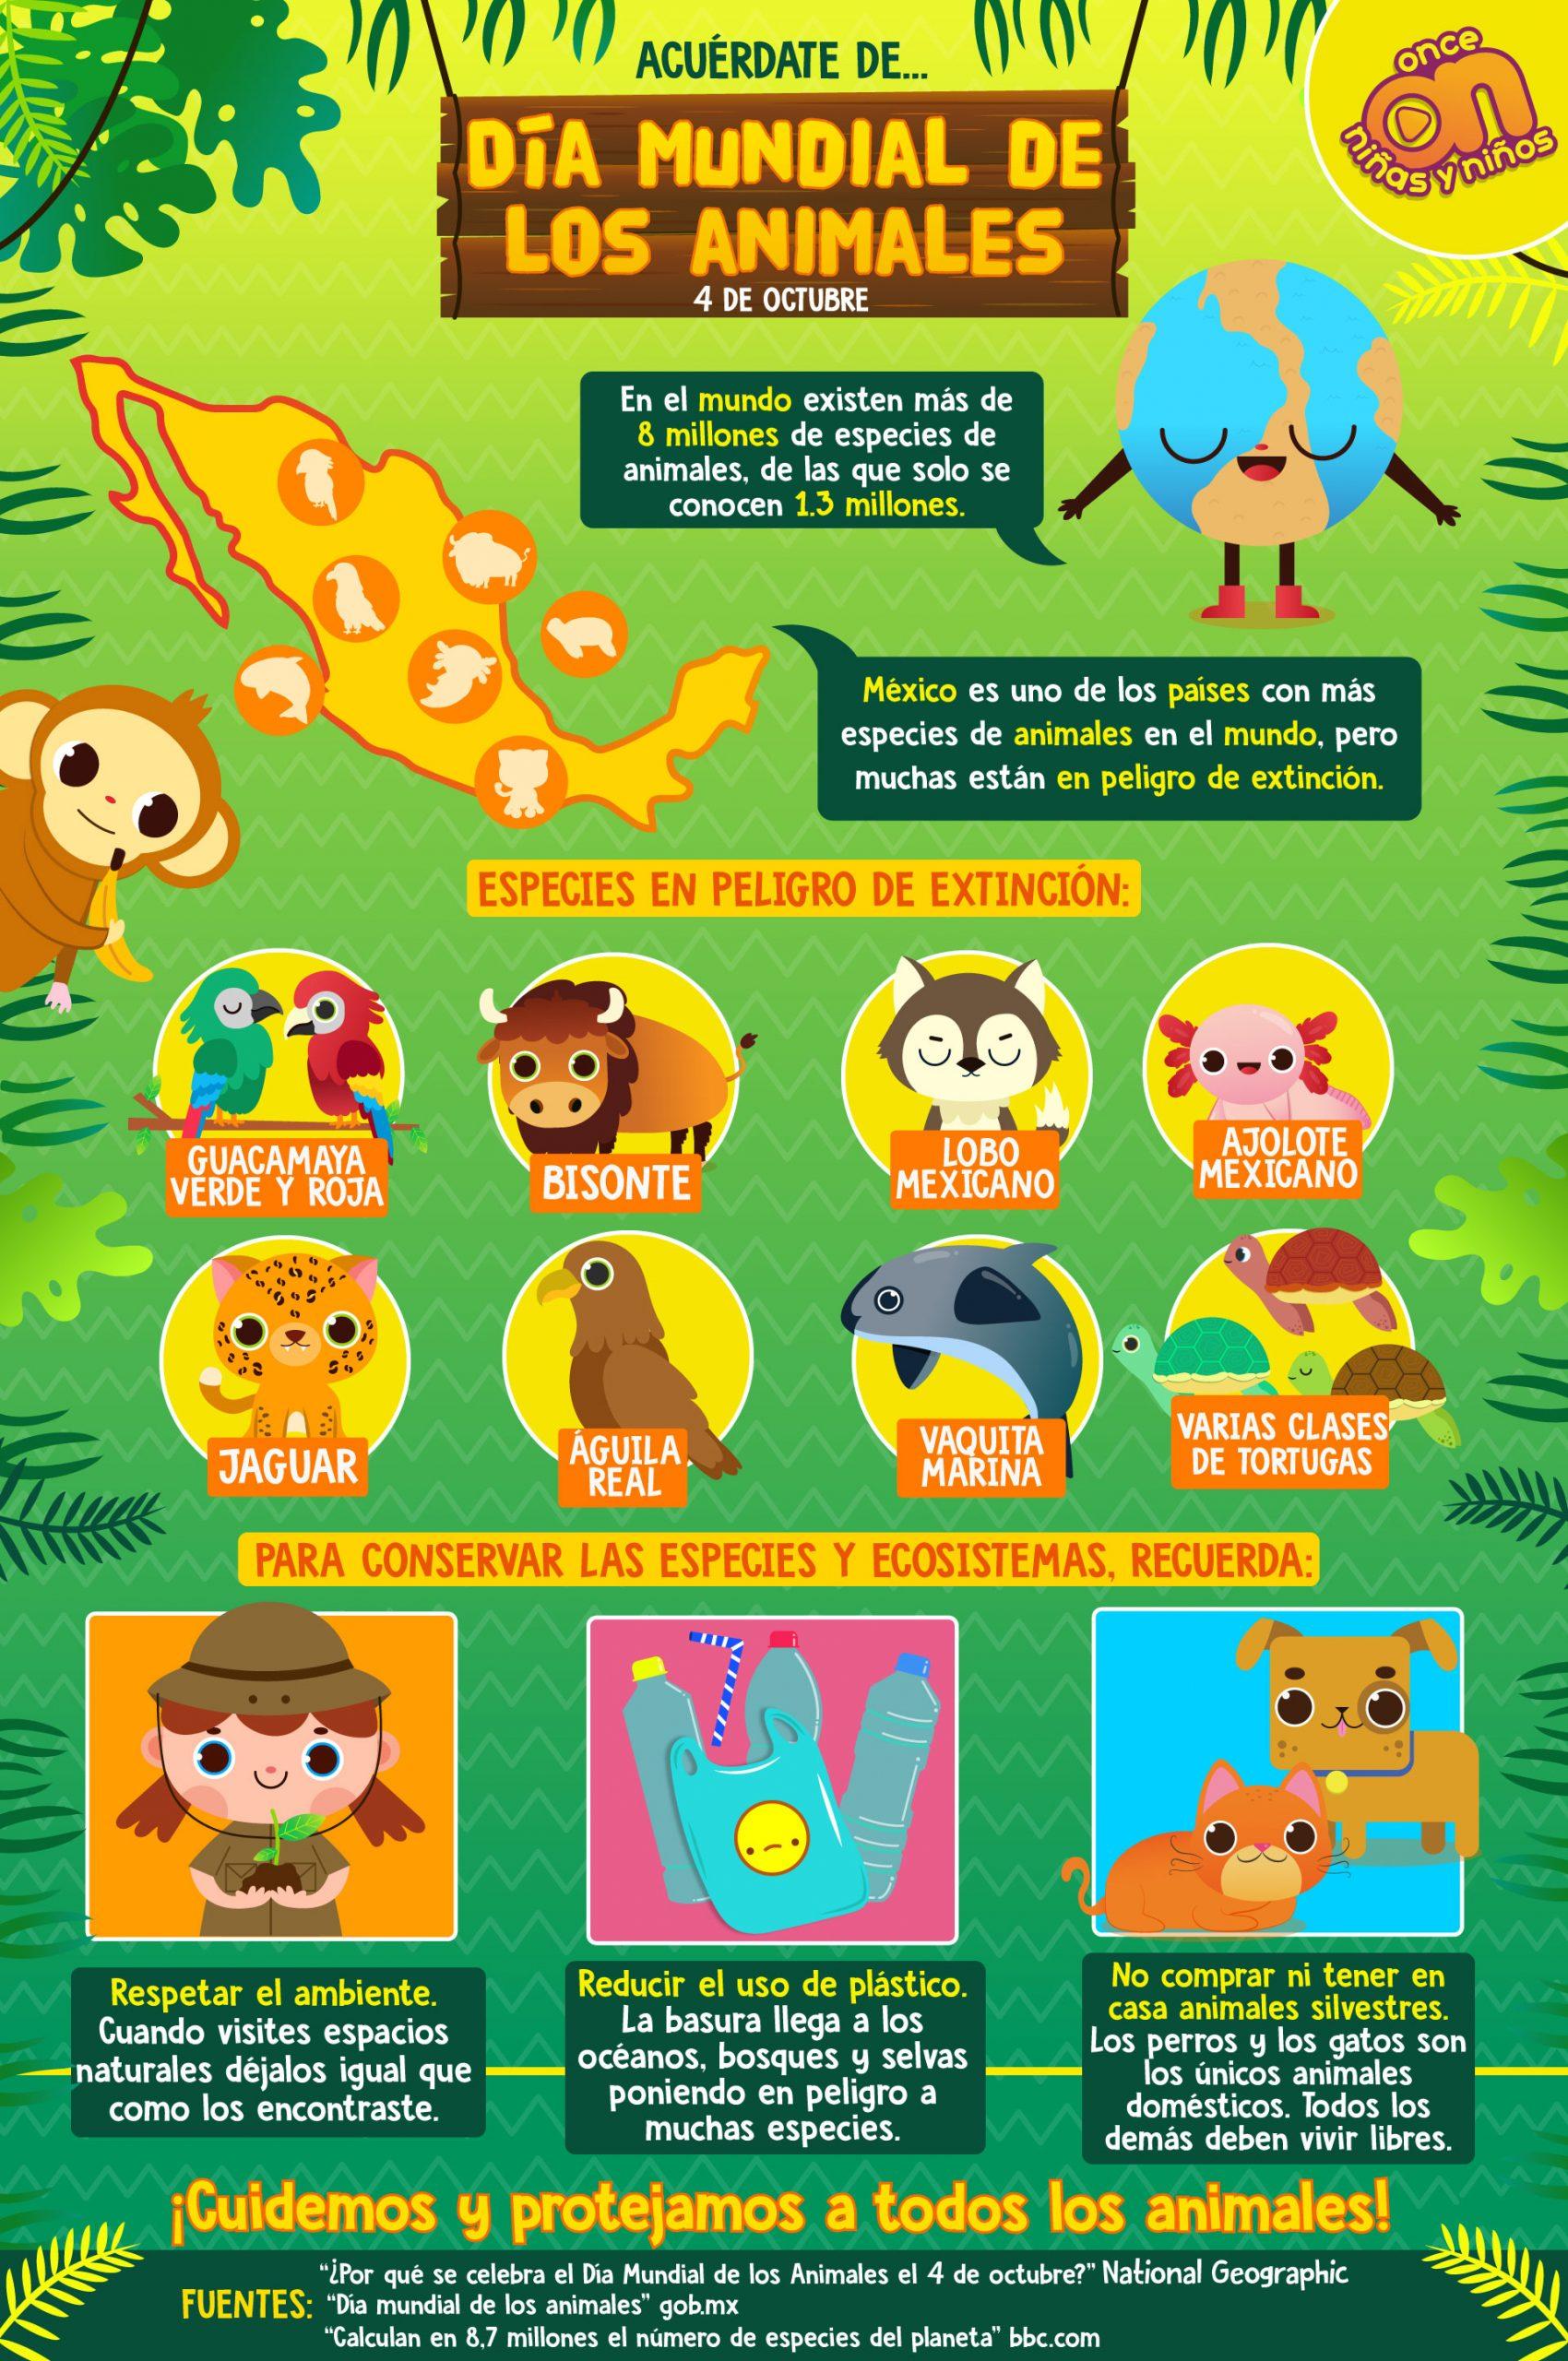 Acuérdate de... Día Mundial de los animales.